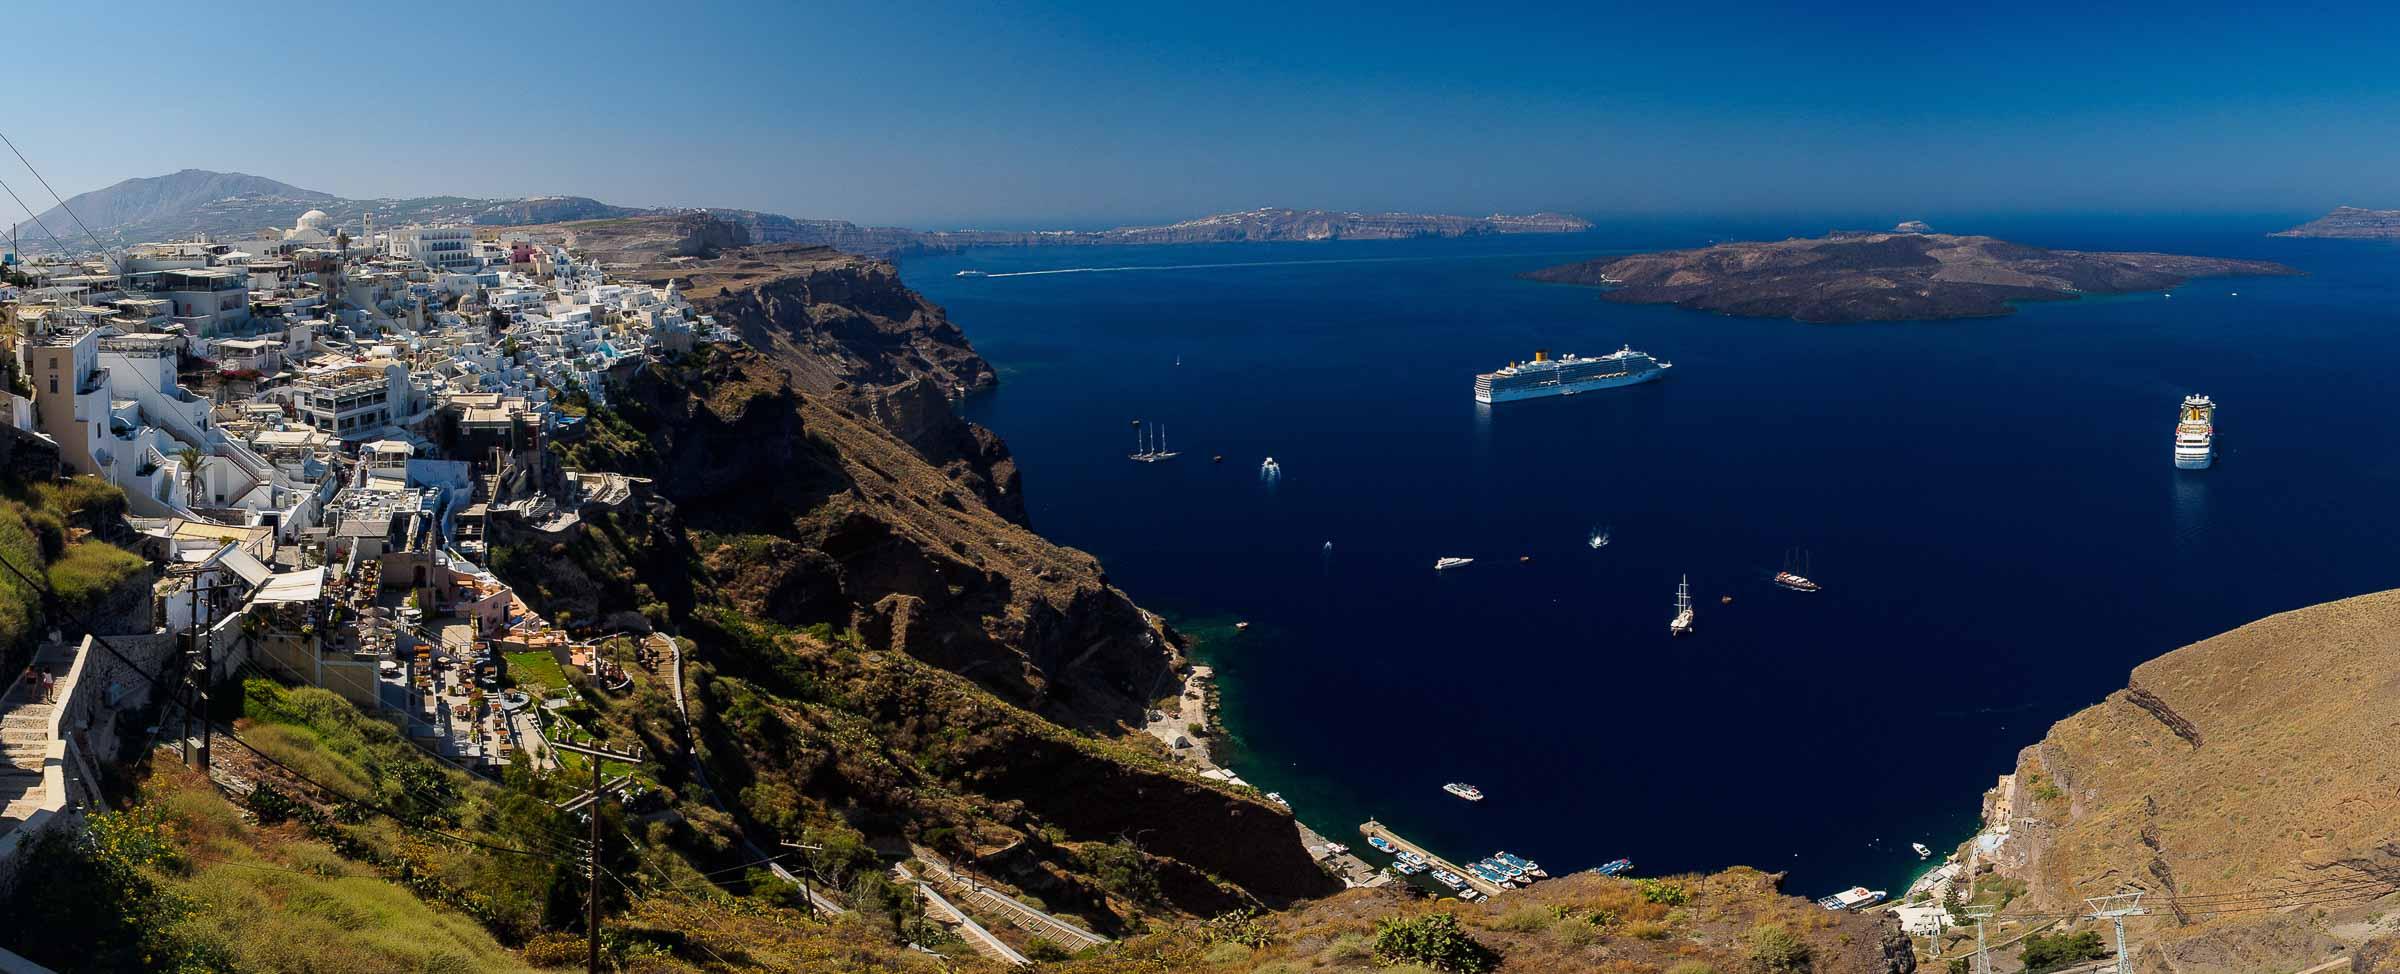 Santorini Panorama 5